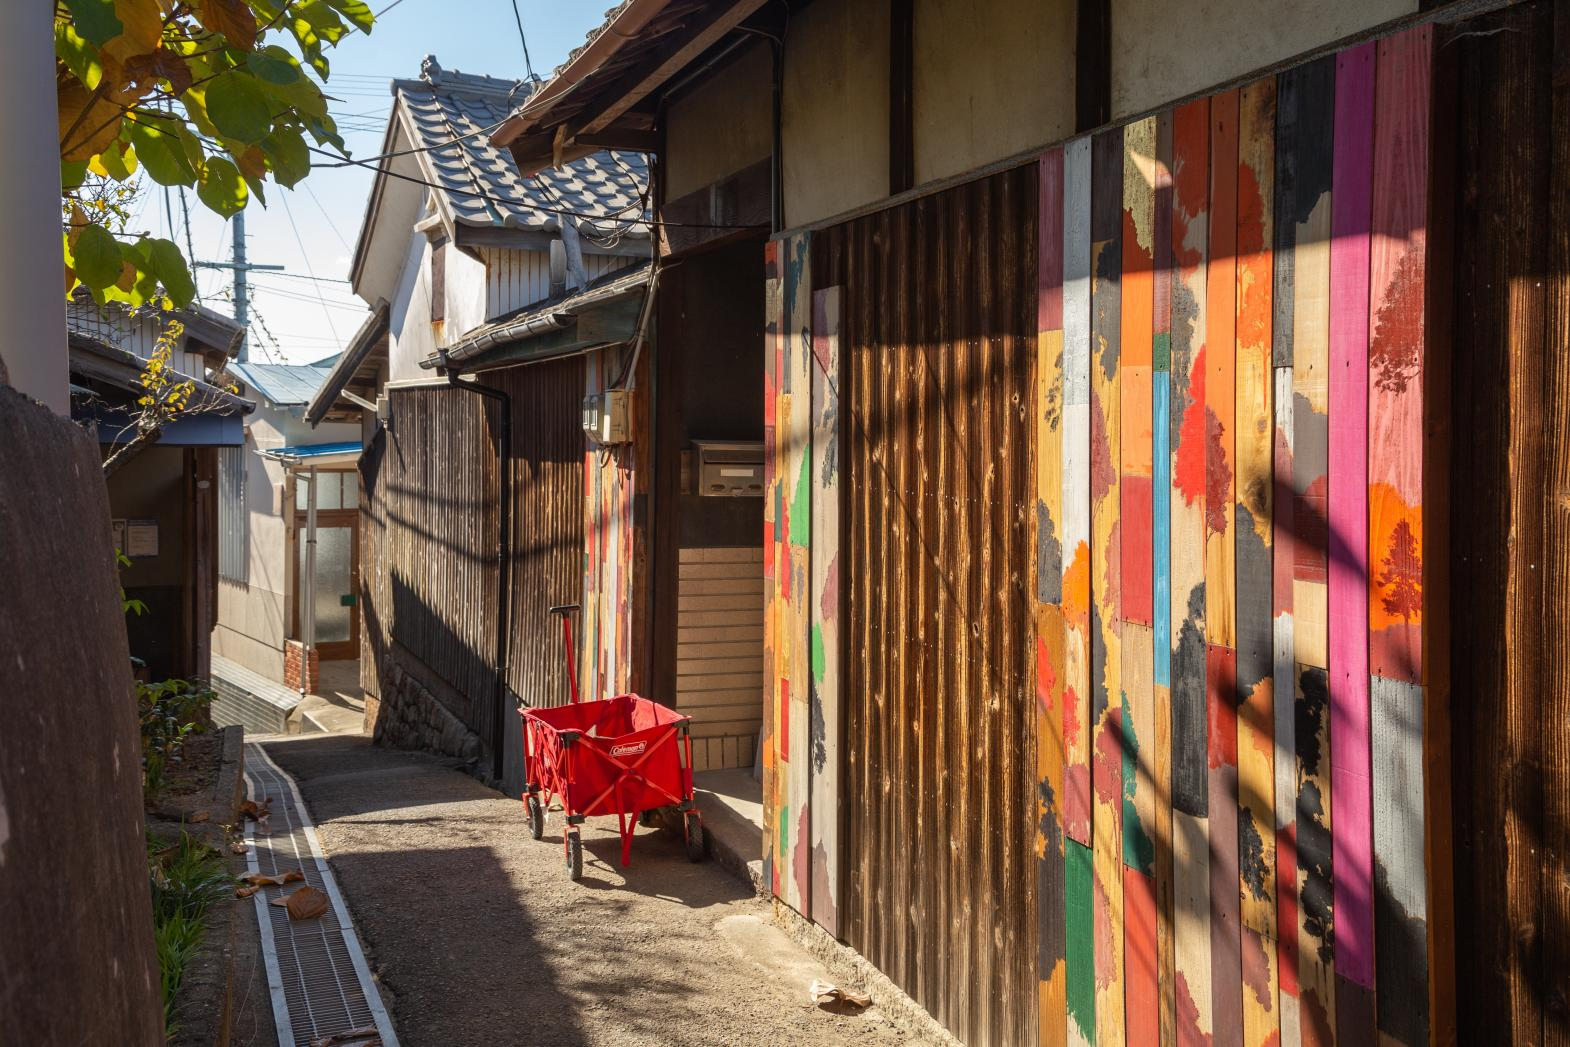 Ogijima: Labyrinthine Streets and Eye-catching Art-0